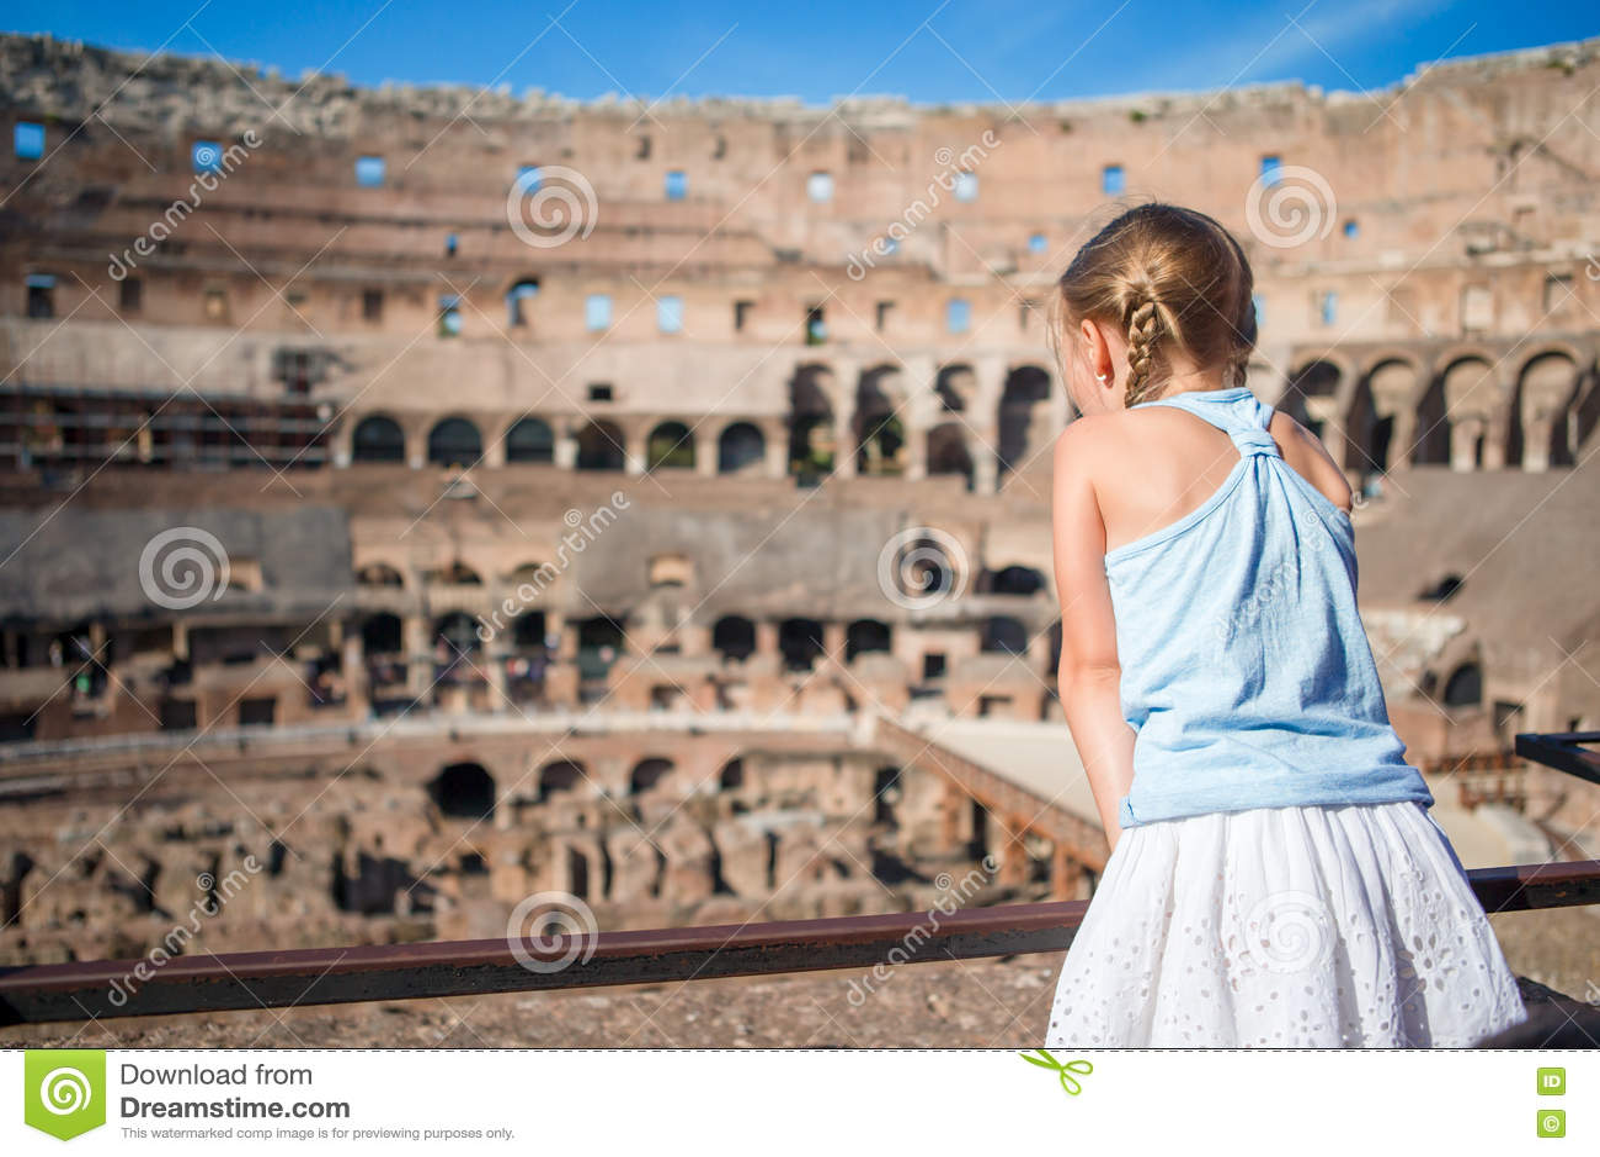 Μικρό κορίτσι σε Coliseum, Ρώμη, Ιταλία Πίσω άποψη του παιδιού που εξετάζει τα διάσημα μέρη στην Ευρώπη